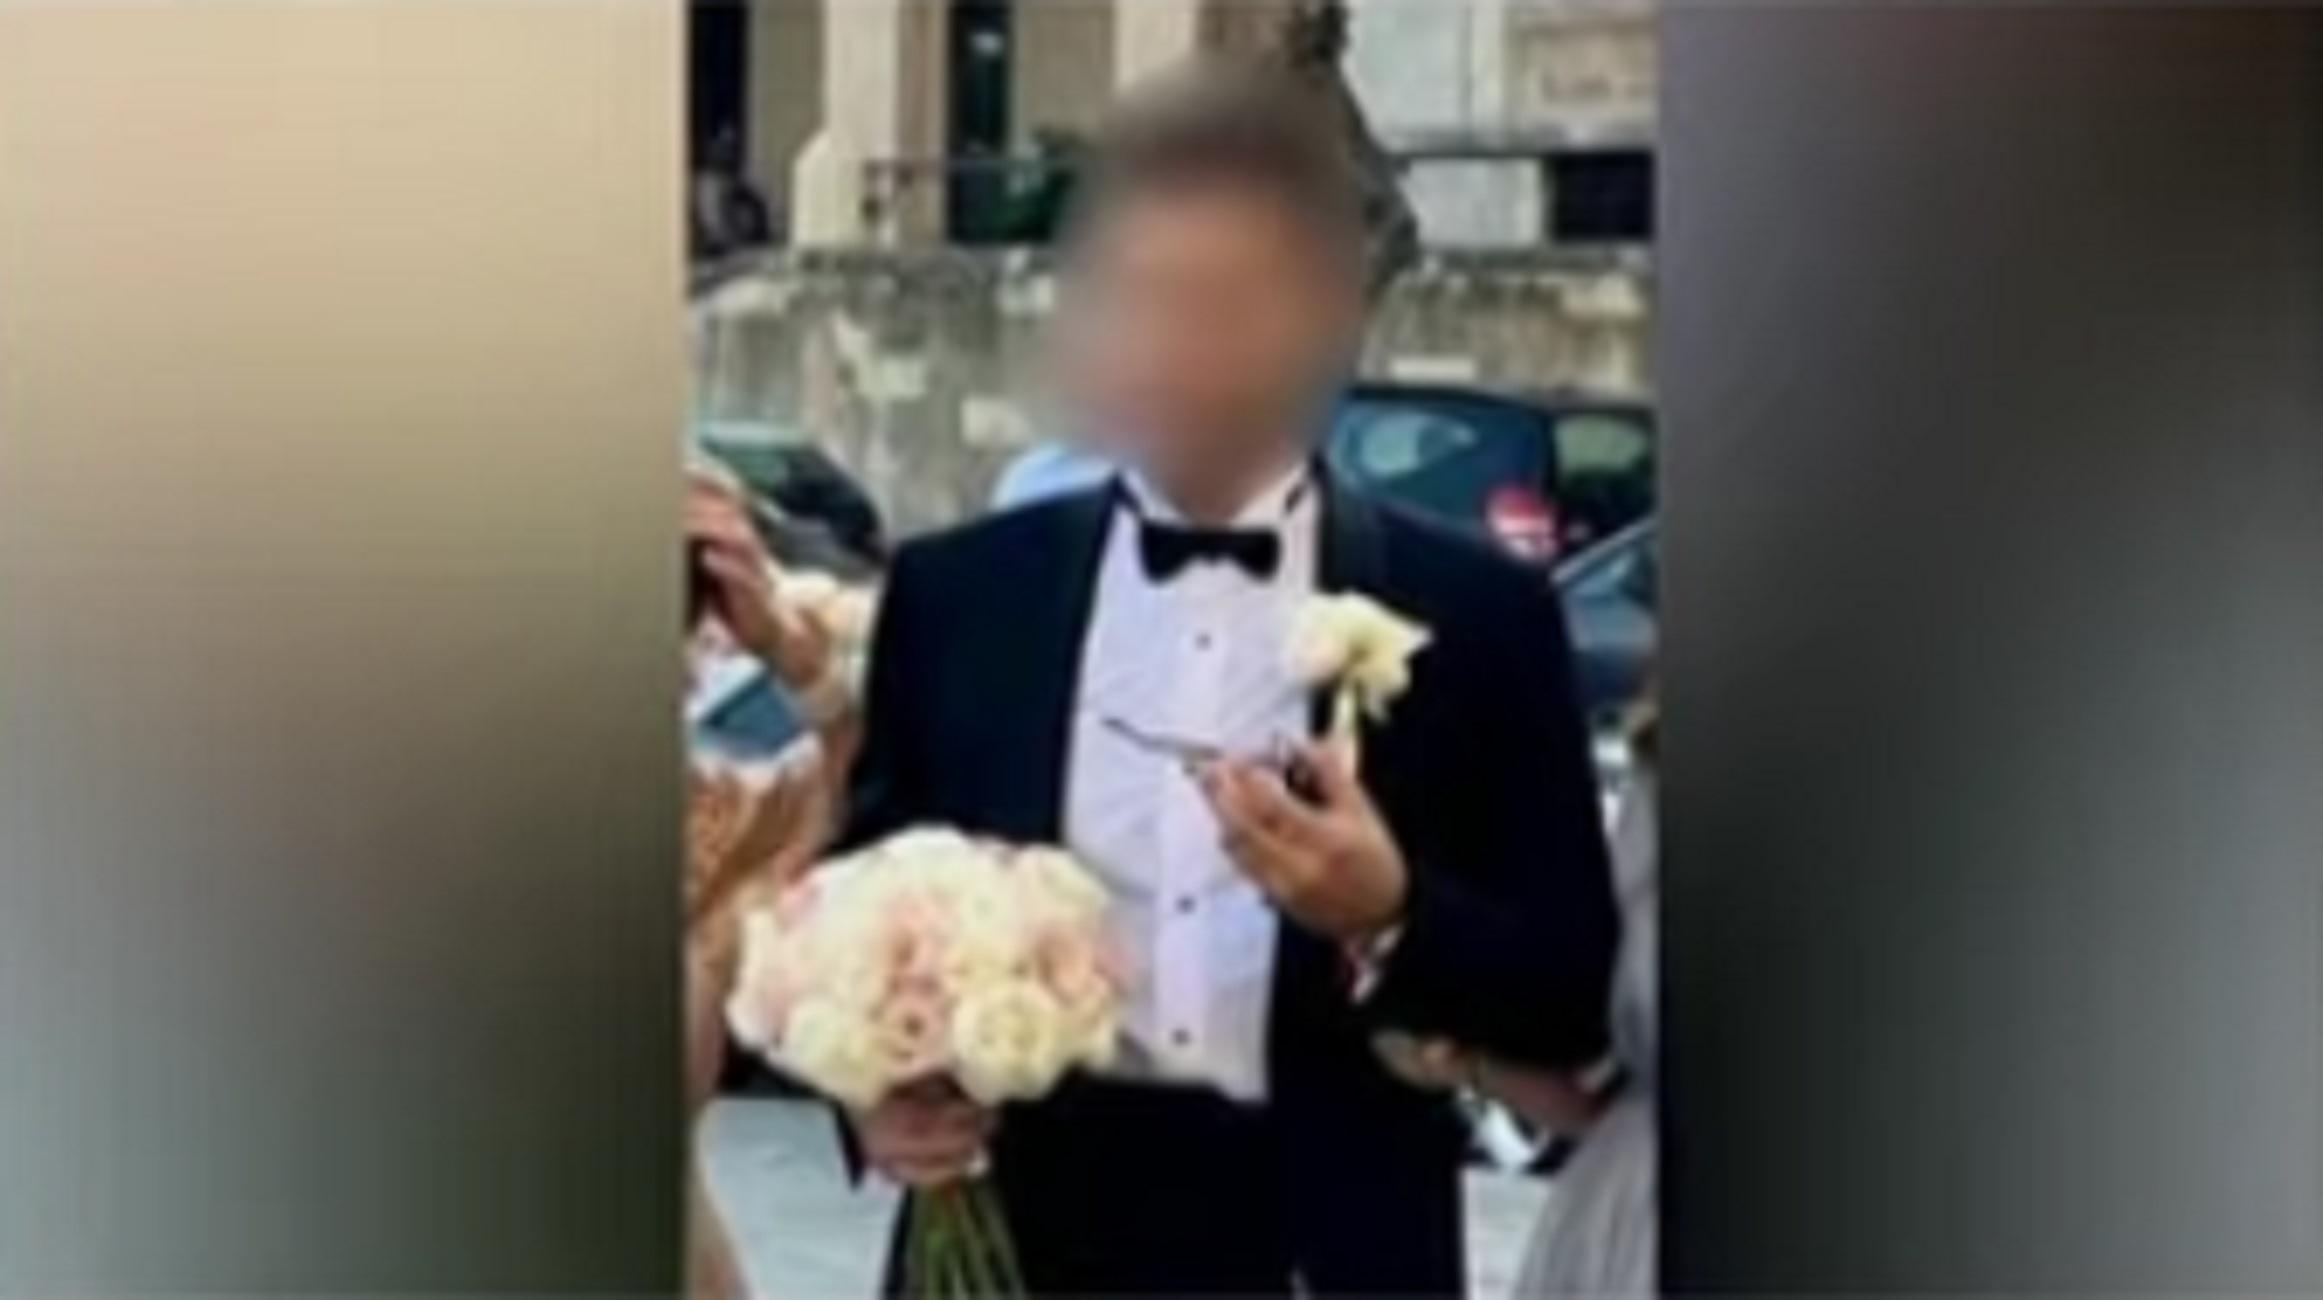 Ρόδος: Έτσι τραυματίστηκε ο γαμπρός στο γλέντι του γάμου του - «Δεν κουνάει τα πόδια του»